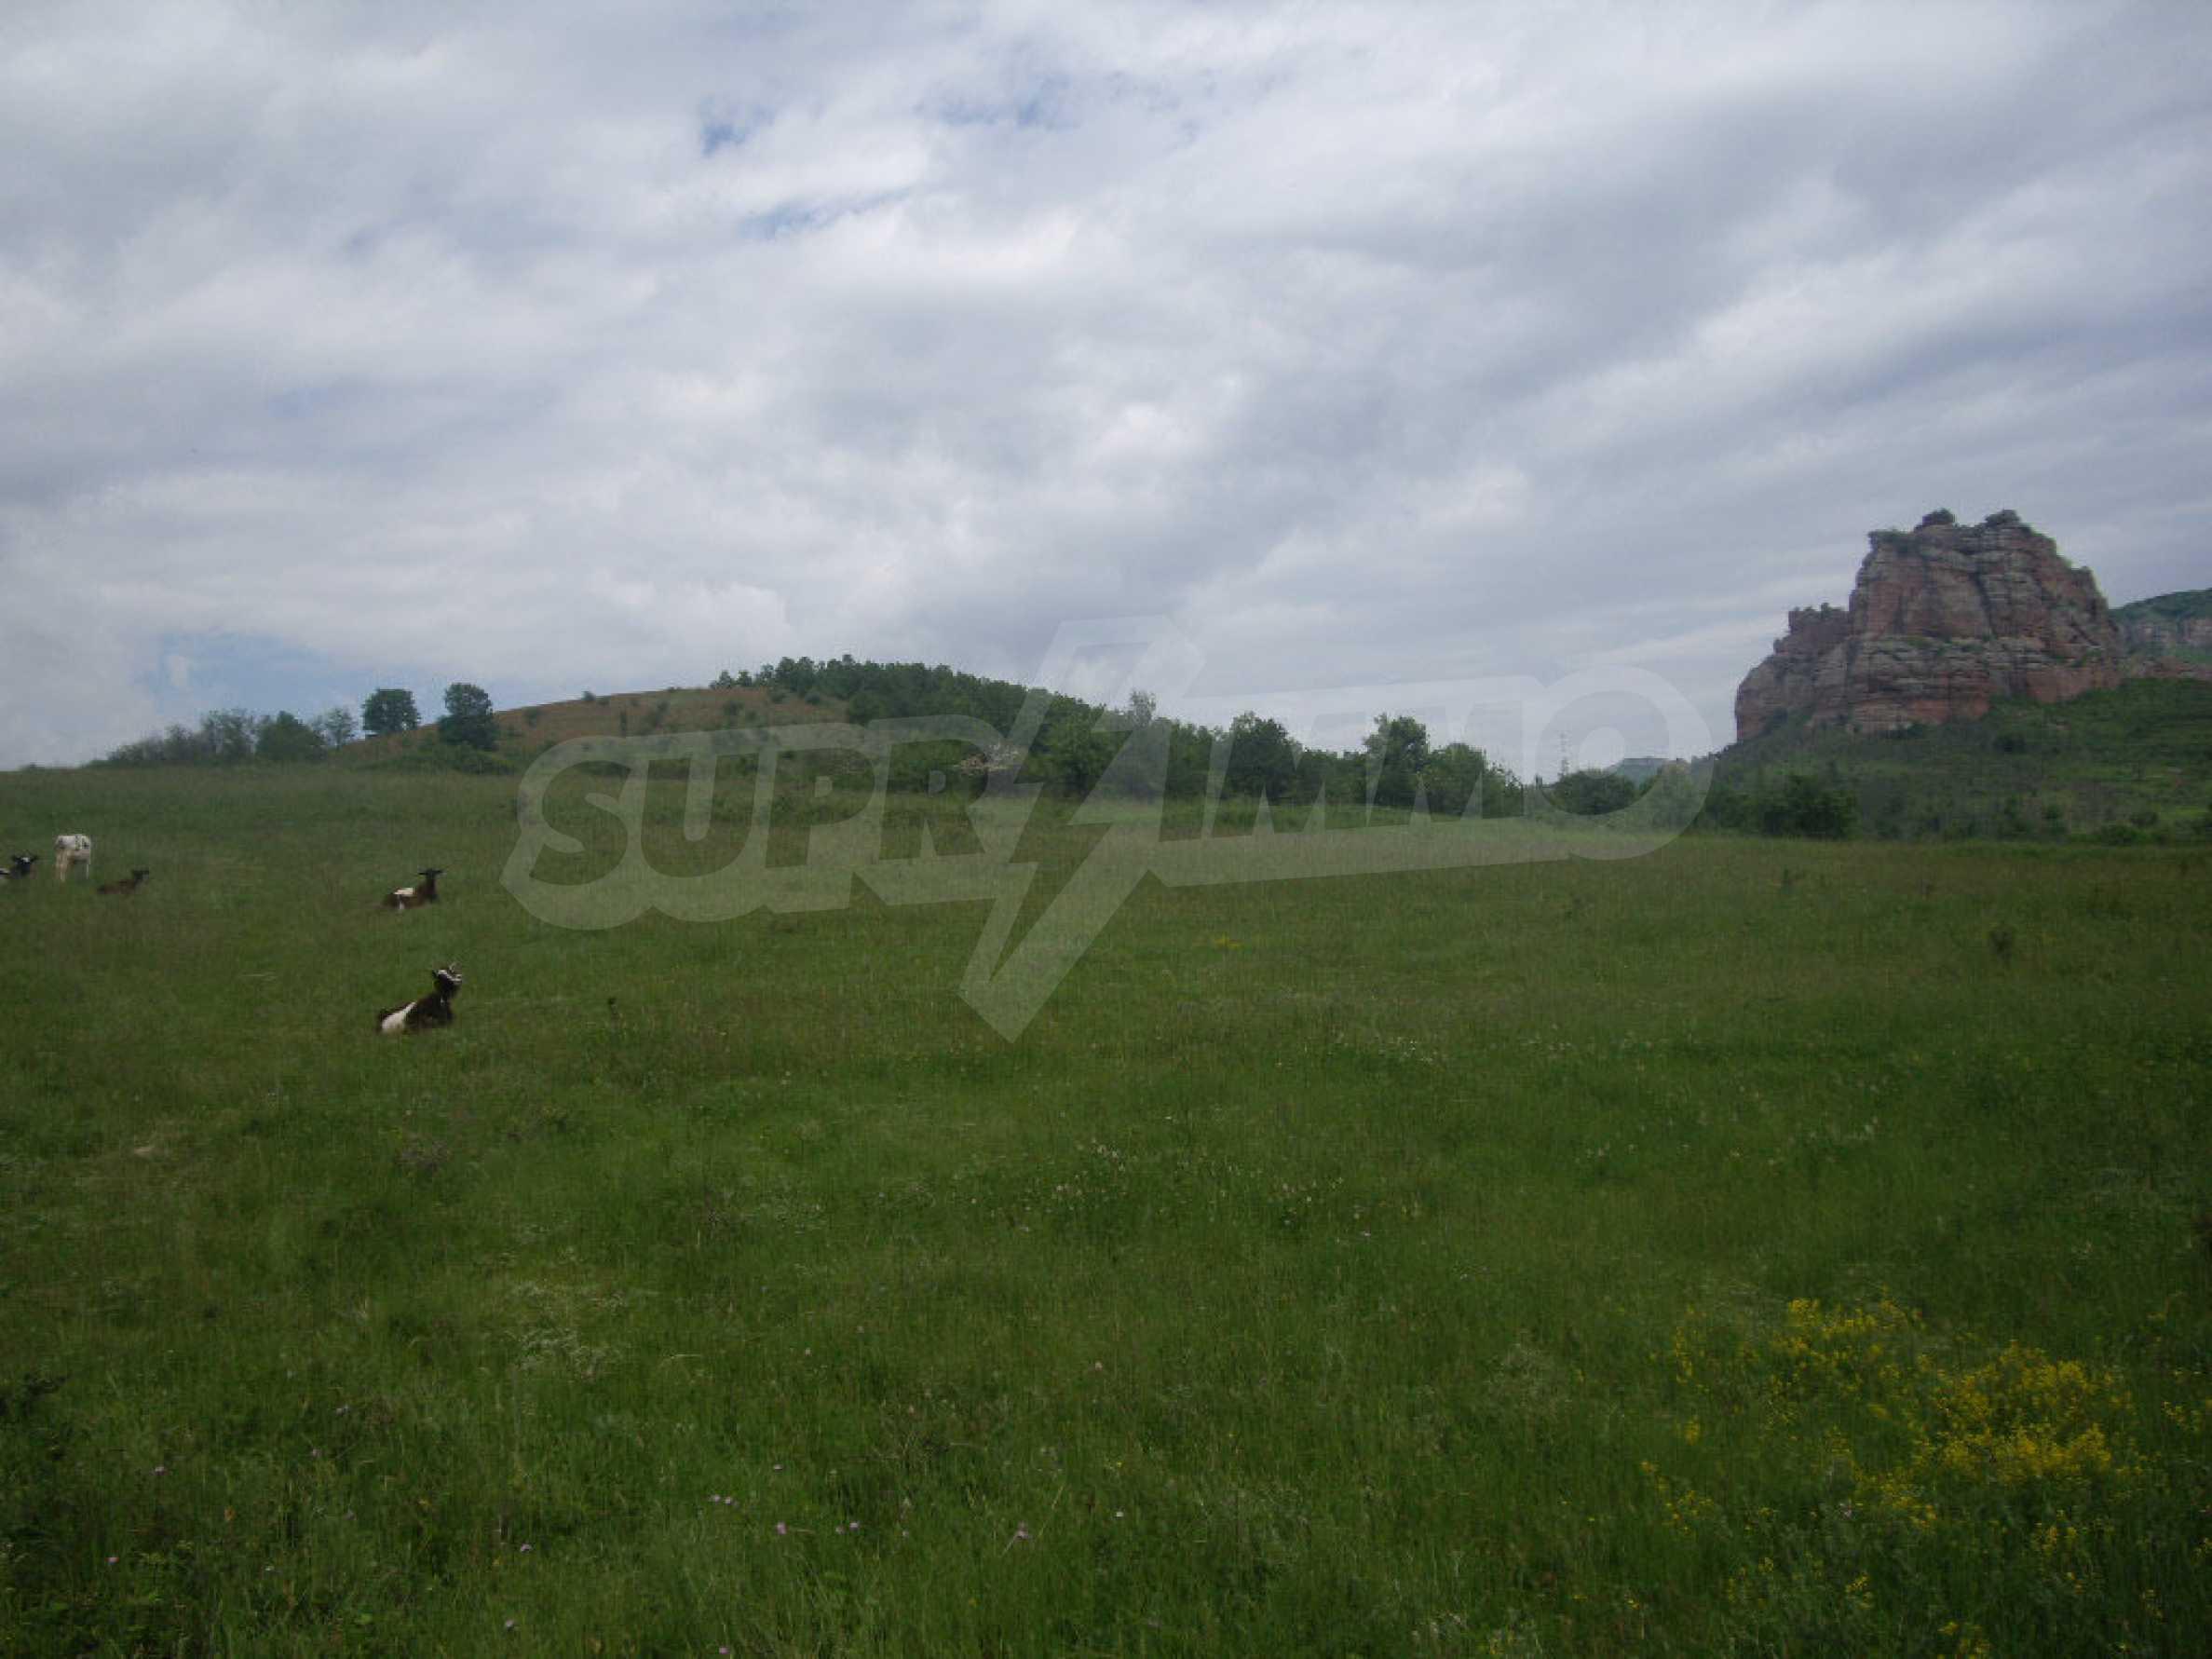 Großes unreguliertes Grundstück 50 km von Vidin entfernt 3